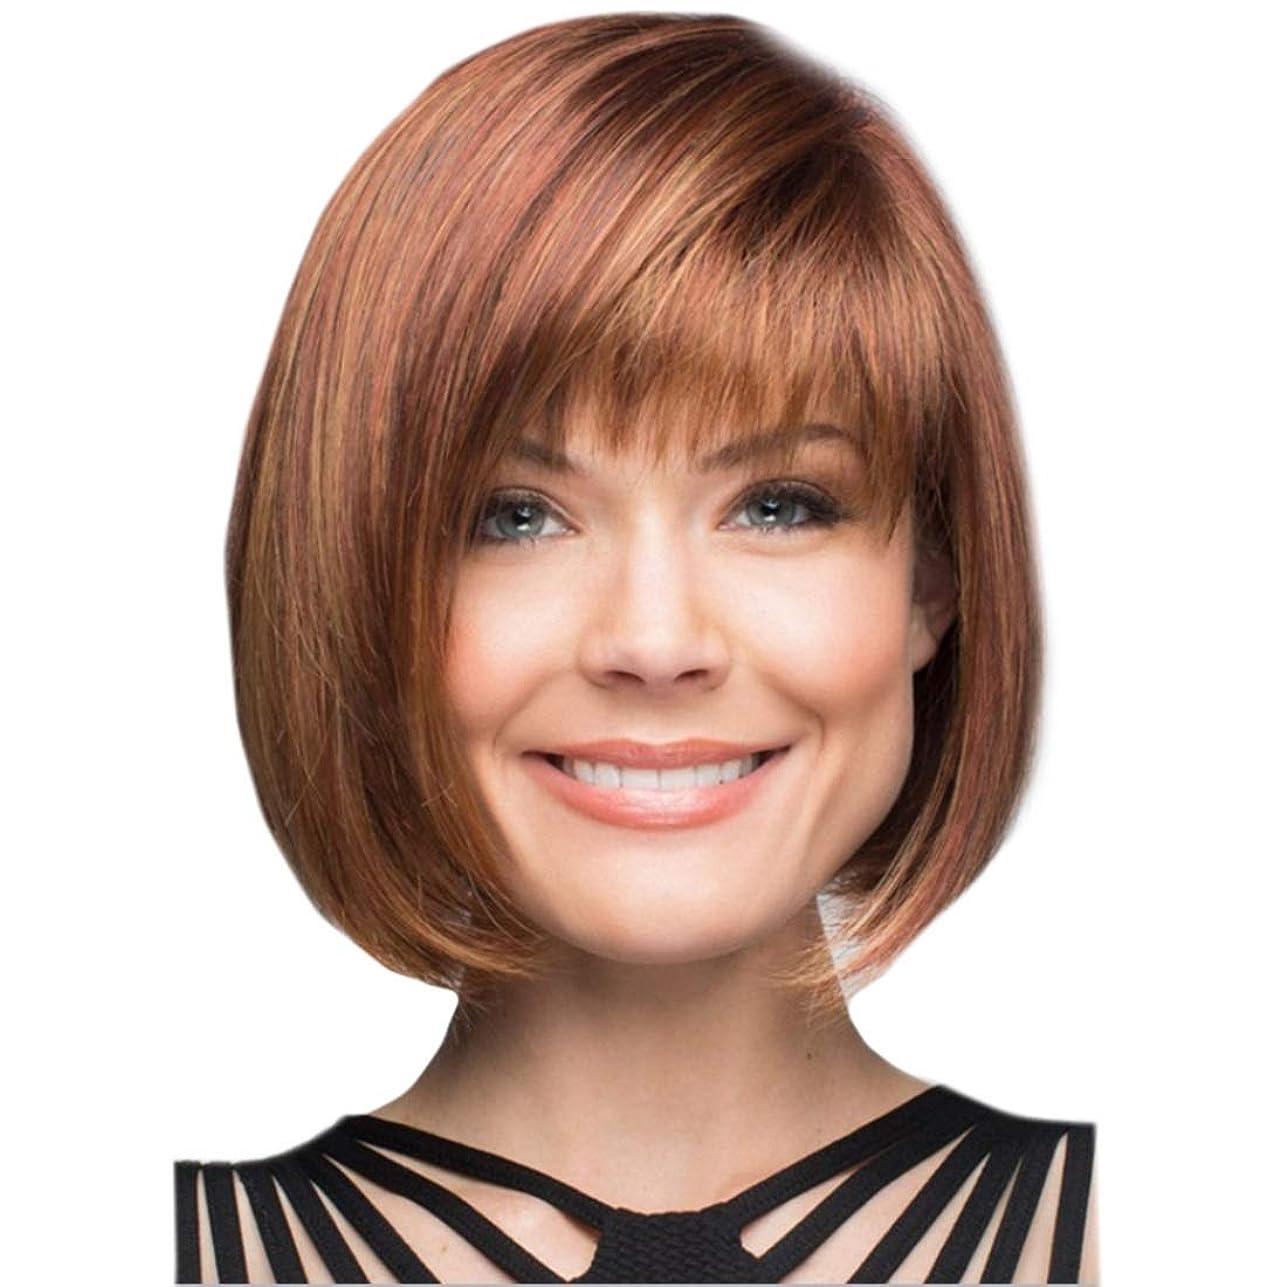 精神的にストレージ試験Summerys 女性のための茶色の短いストレートヘアスプリットボボヘッドウィッグ化学繊維ウィッグヘッドギア